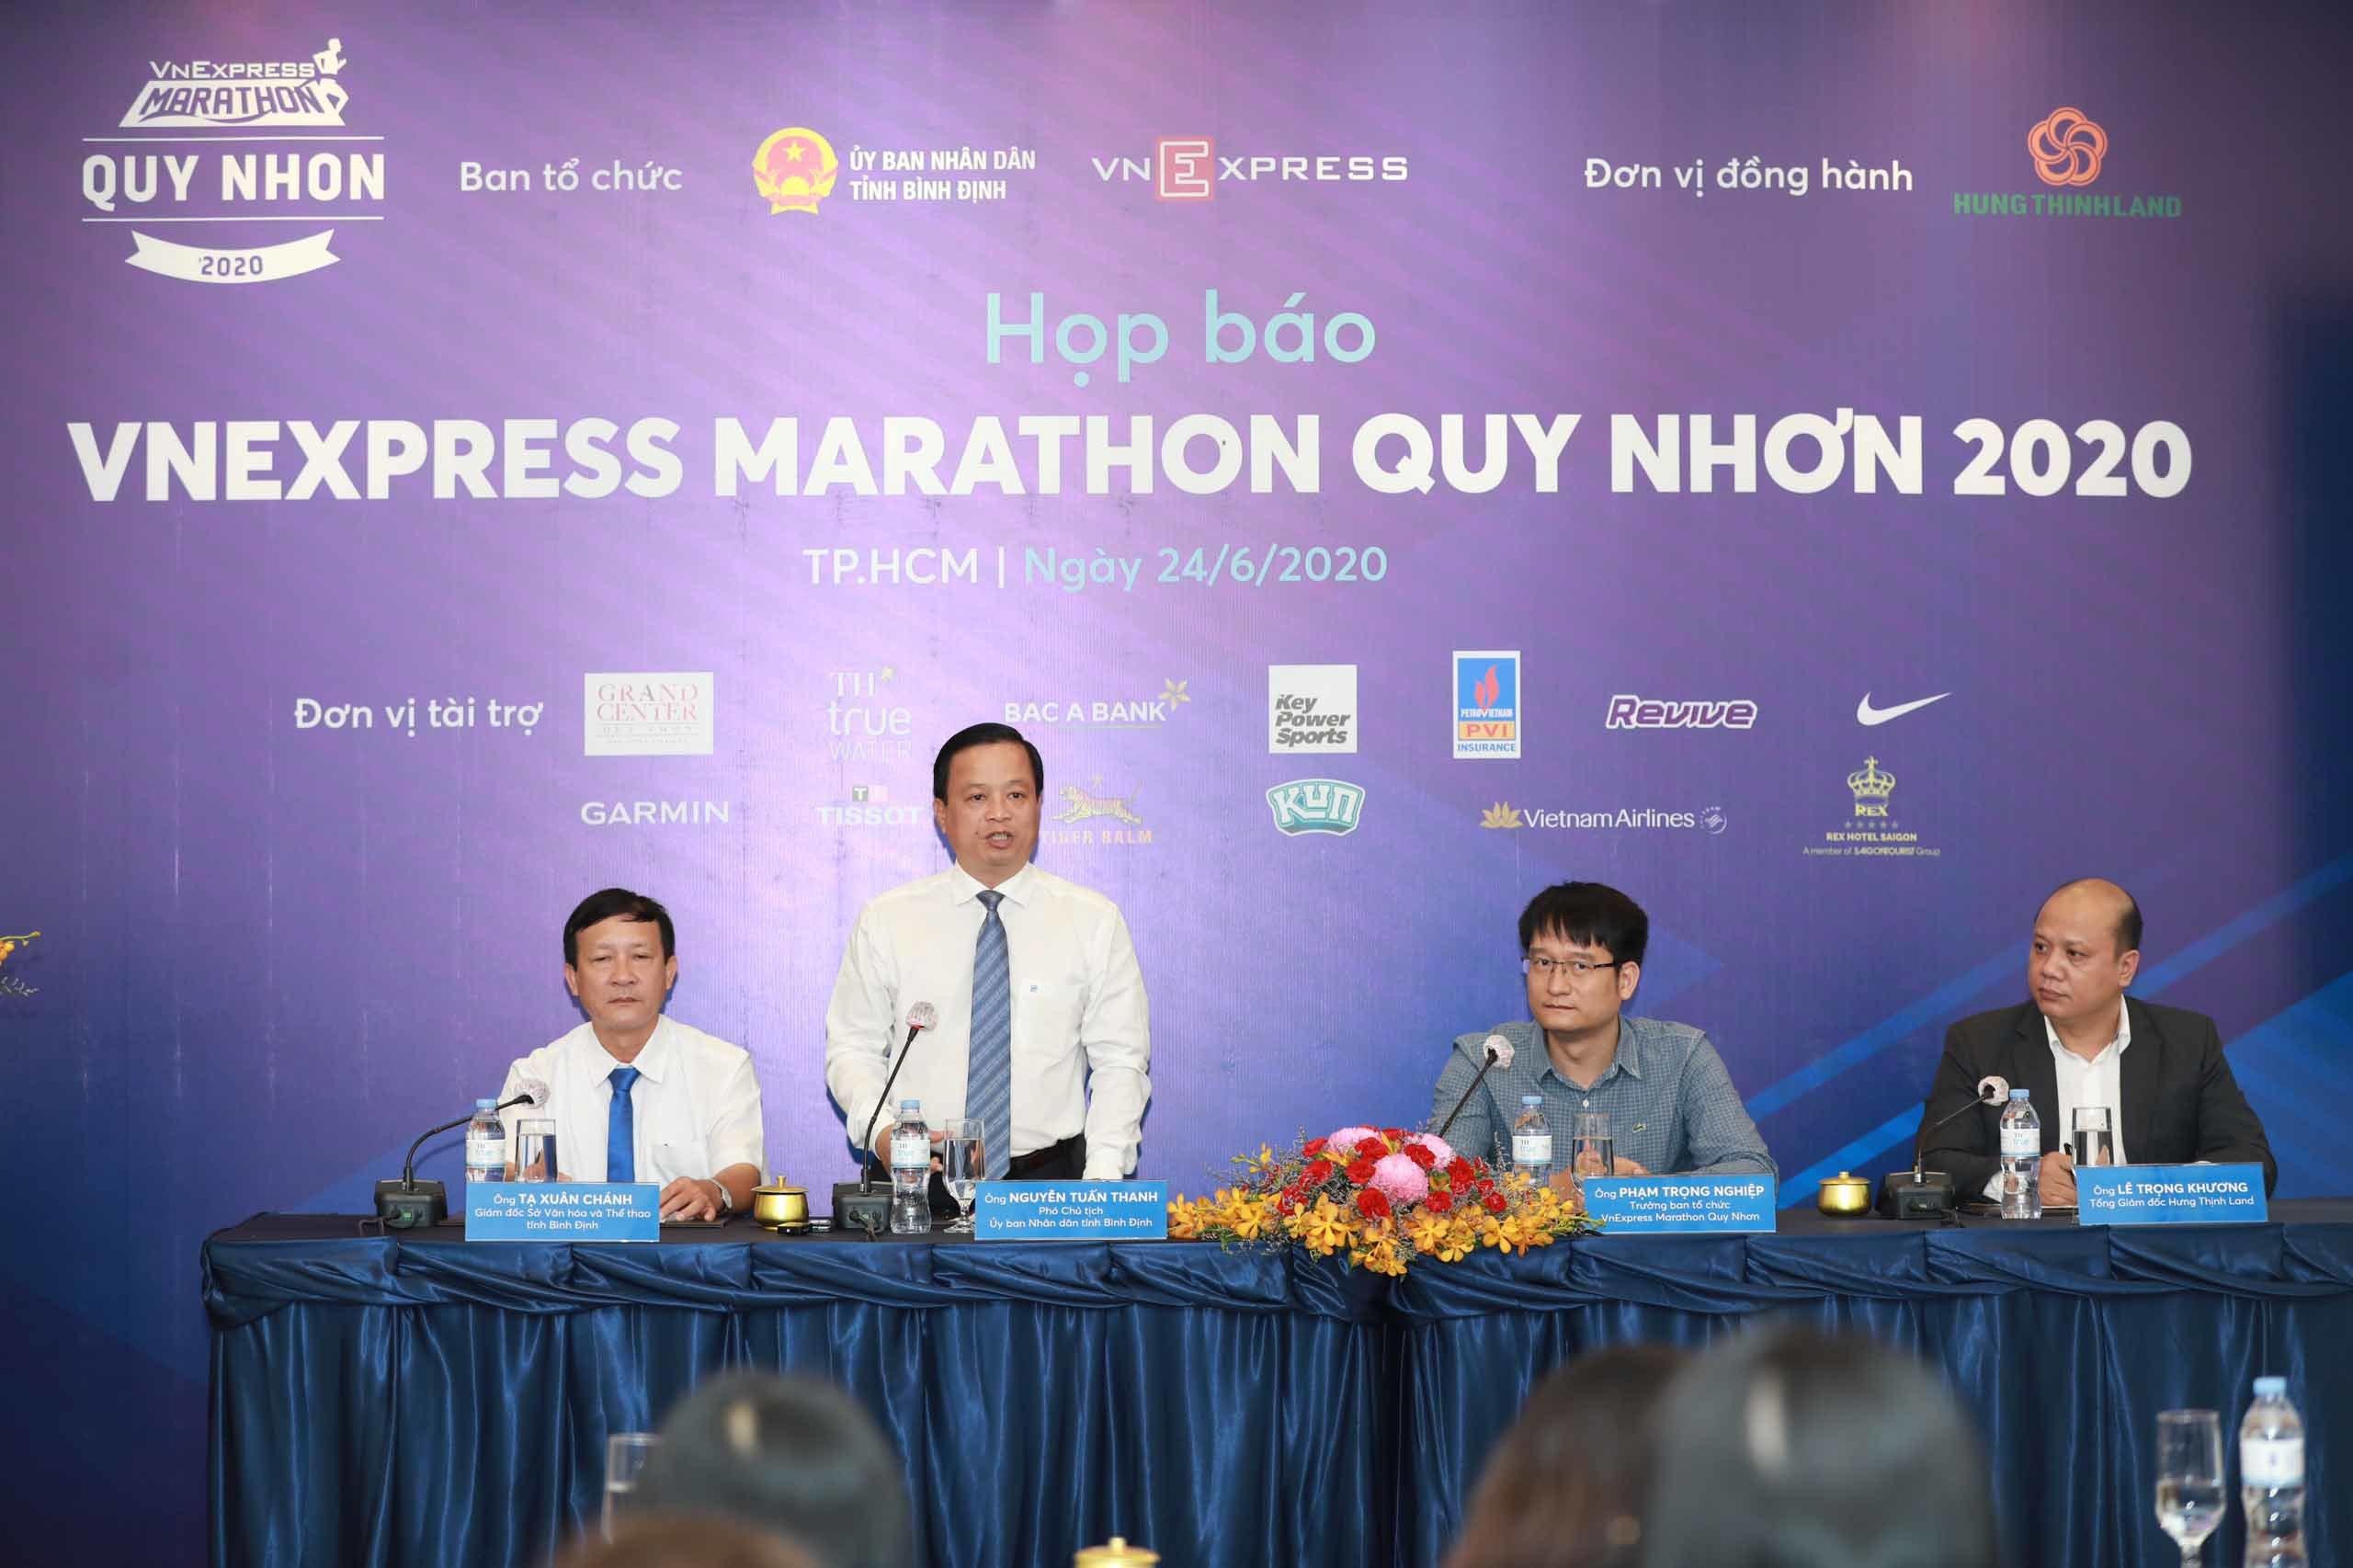 Gần 1 tỷ đồng giải thưởng Marathon Quy Nhơn